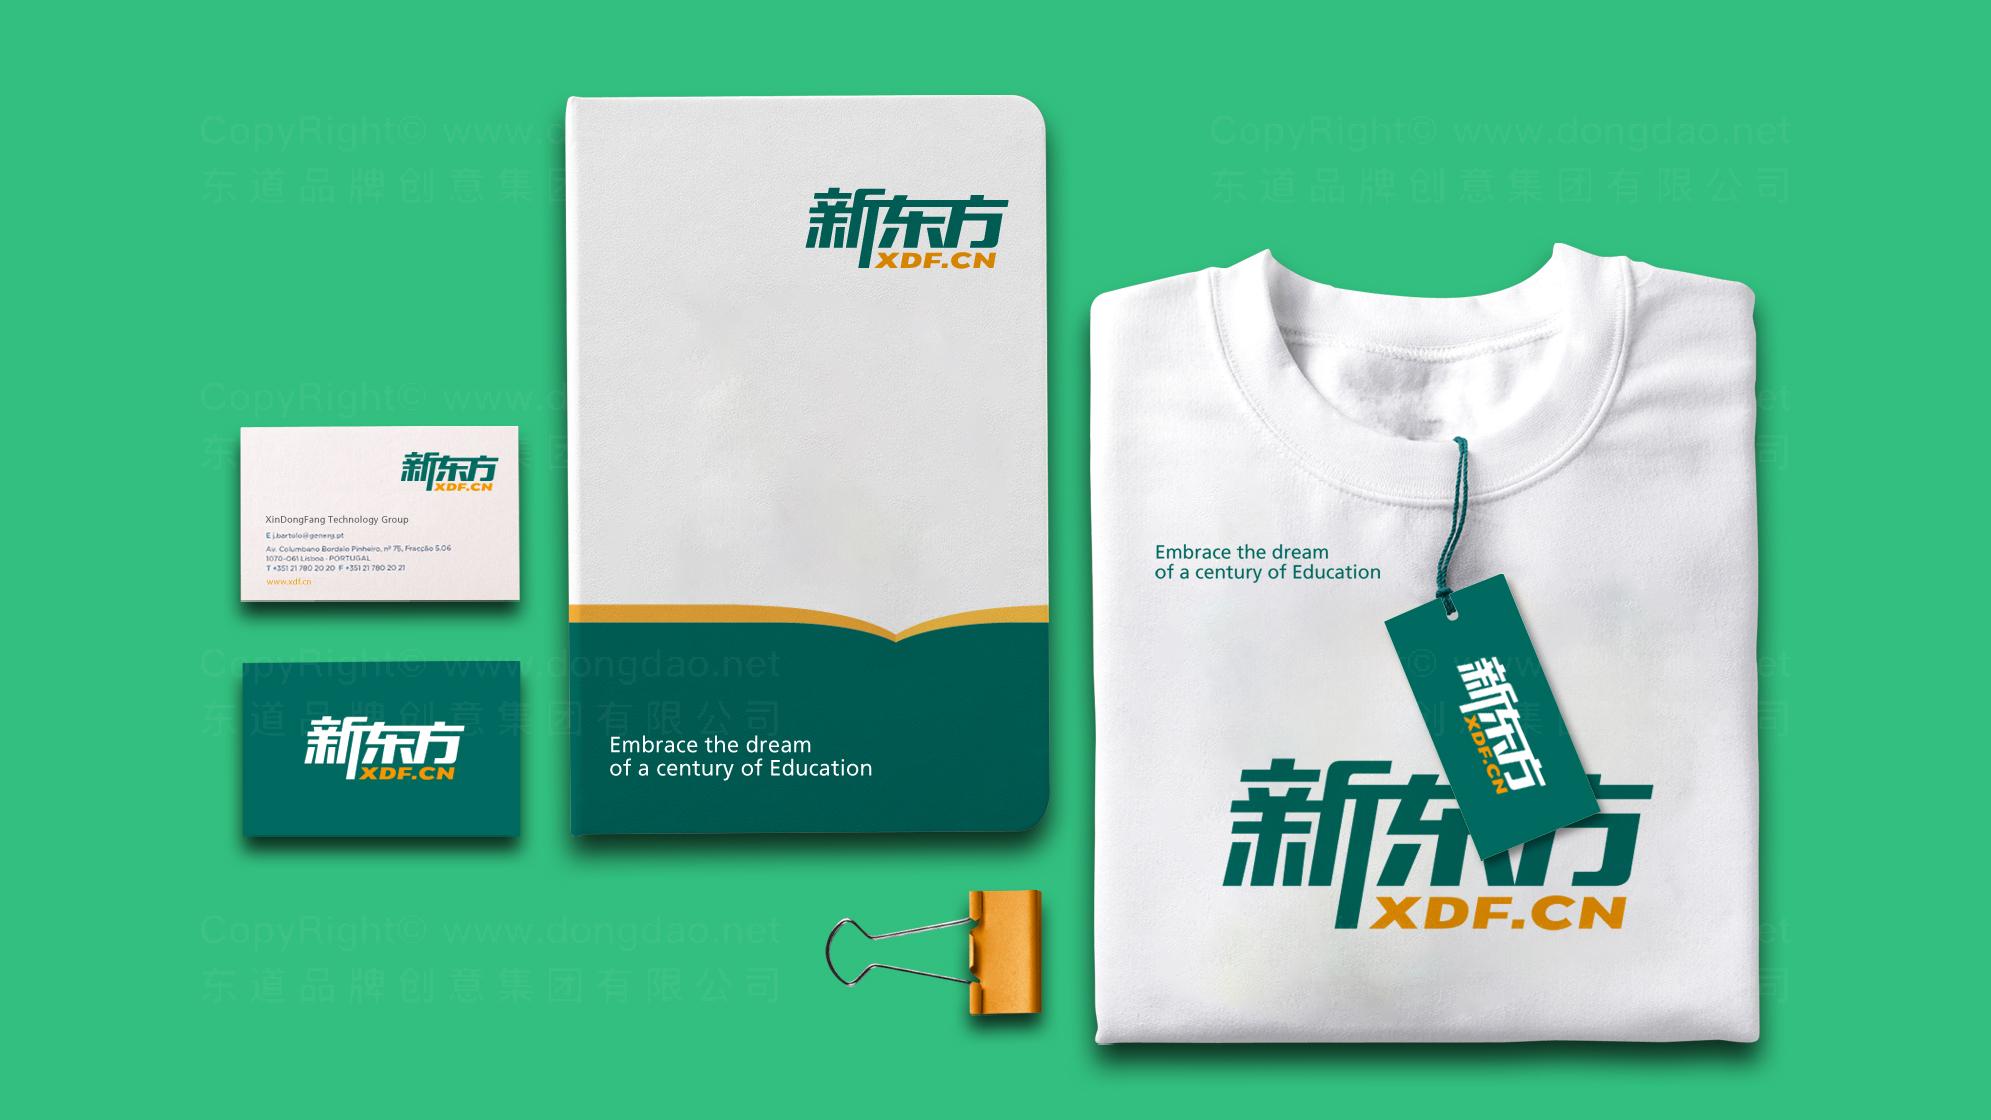 品牌设计新东方LOGO&VI设计应用场景_1